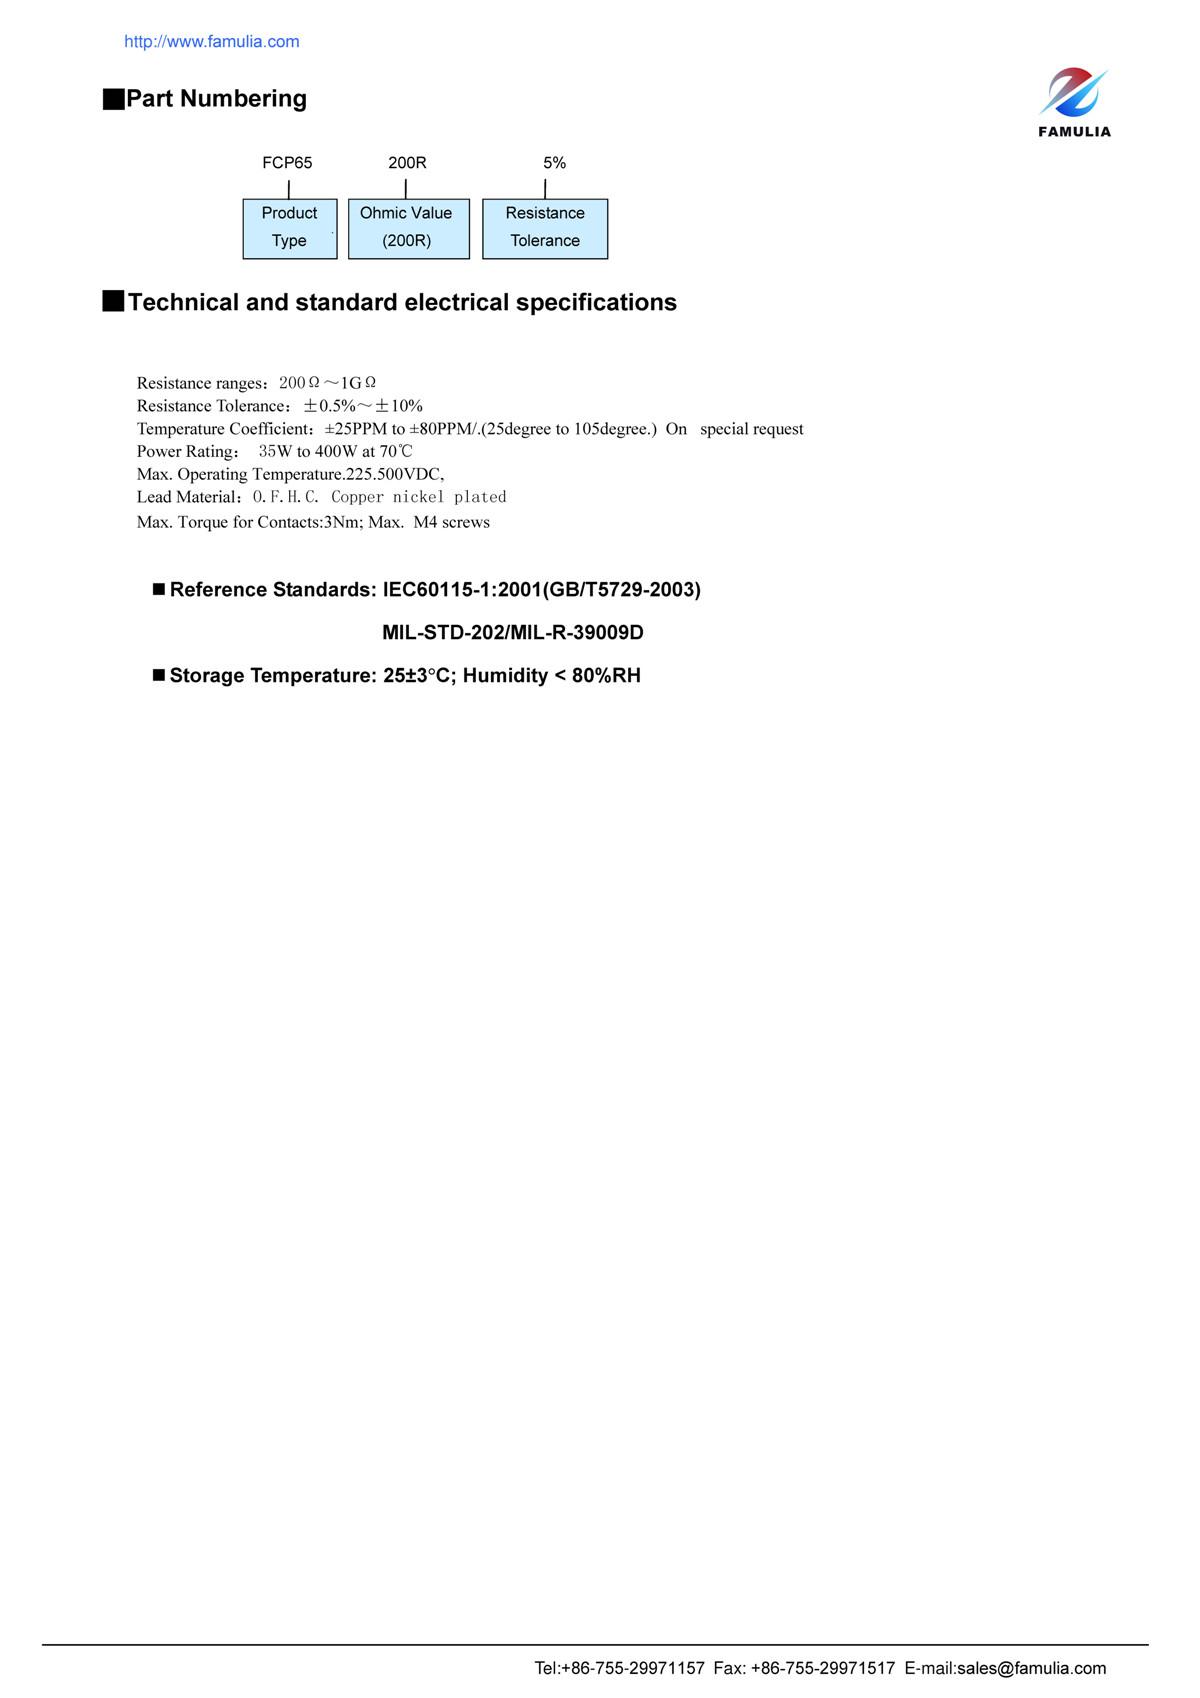 FCP系列圆柱厚膜高压电阻_页面_2.jpg